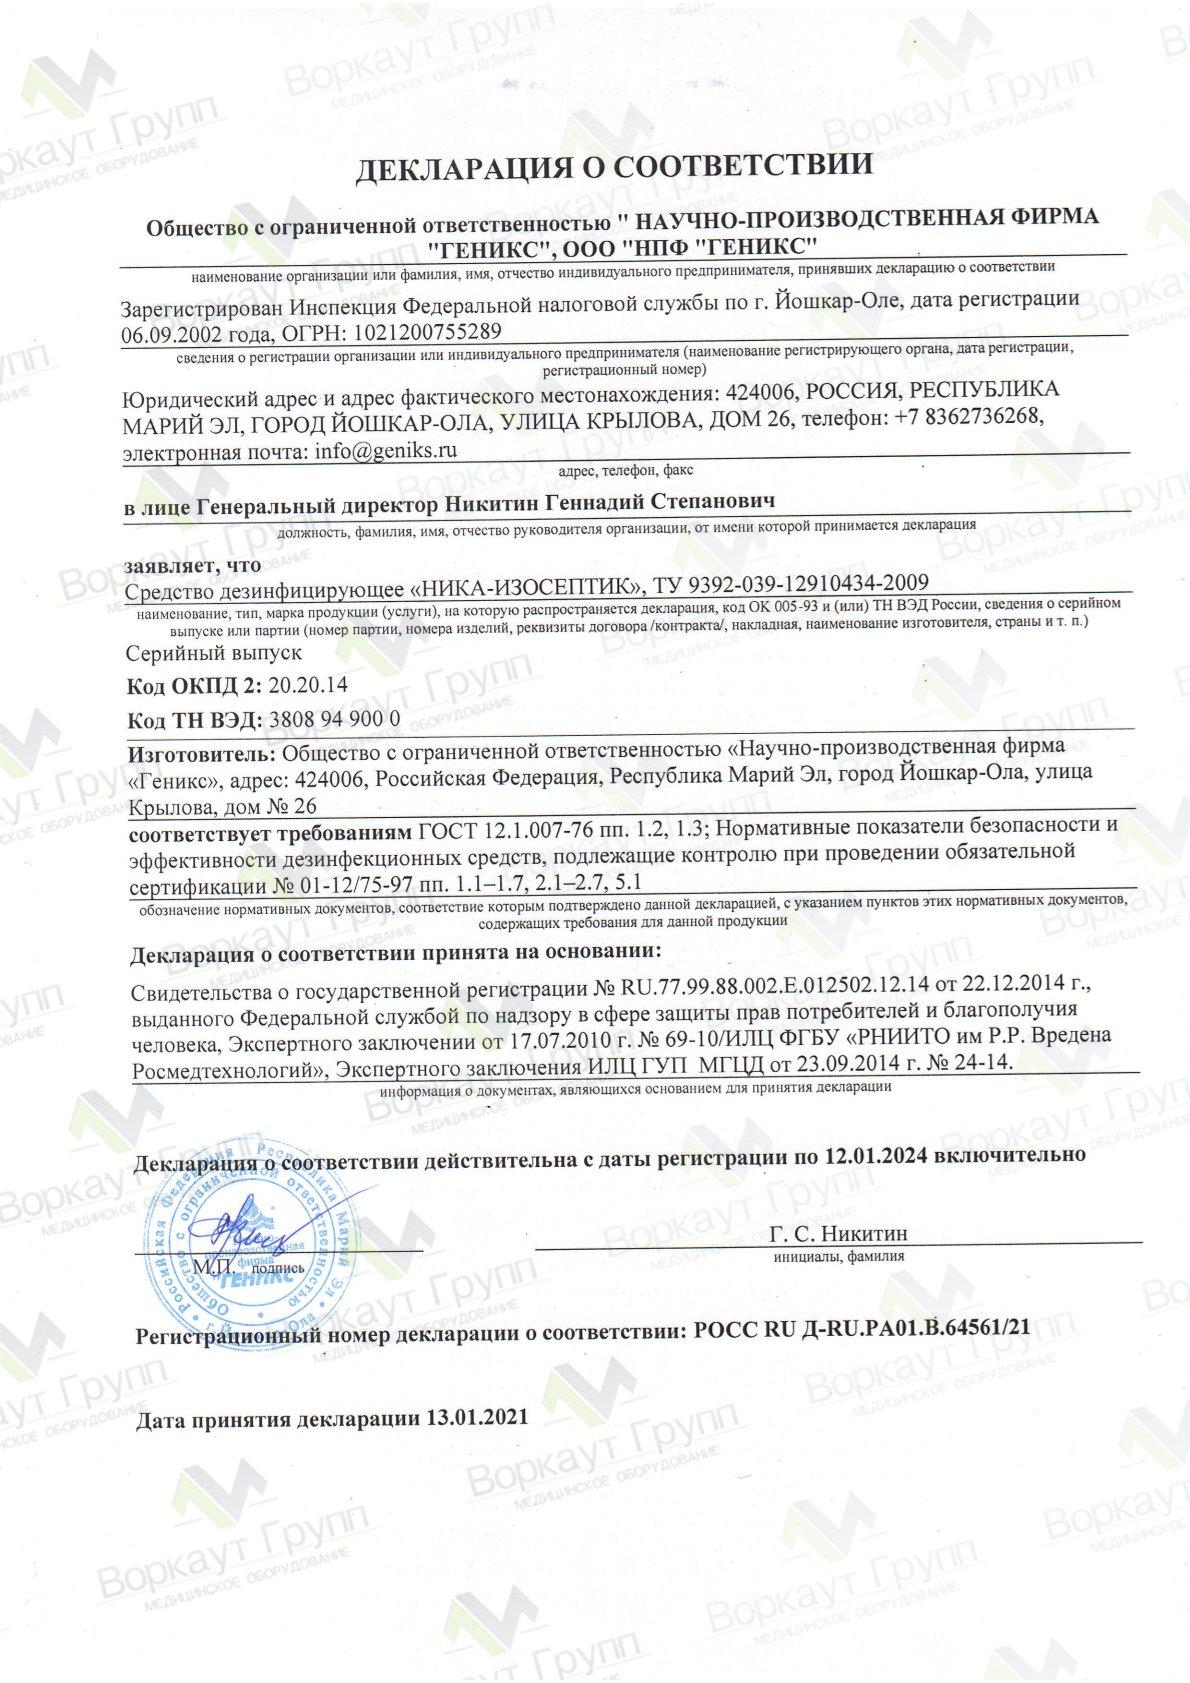 Ника-Изосептик ГЕНИКС (декларация о соответствии)